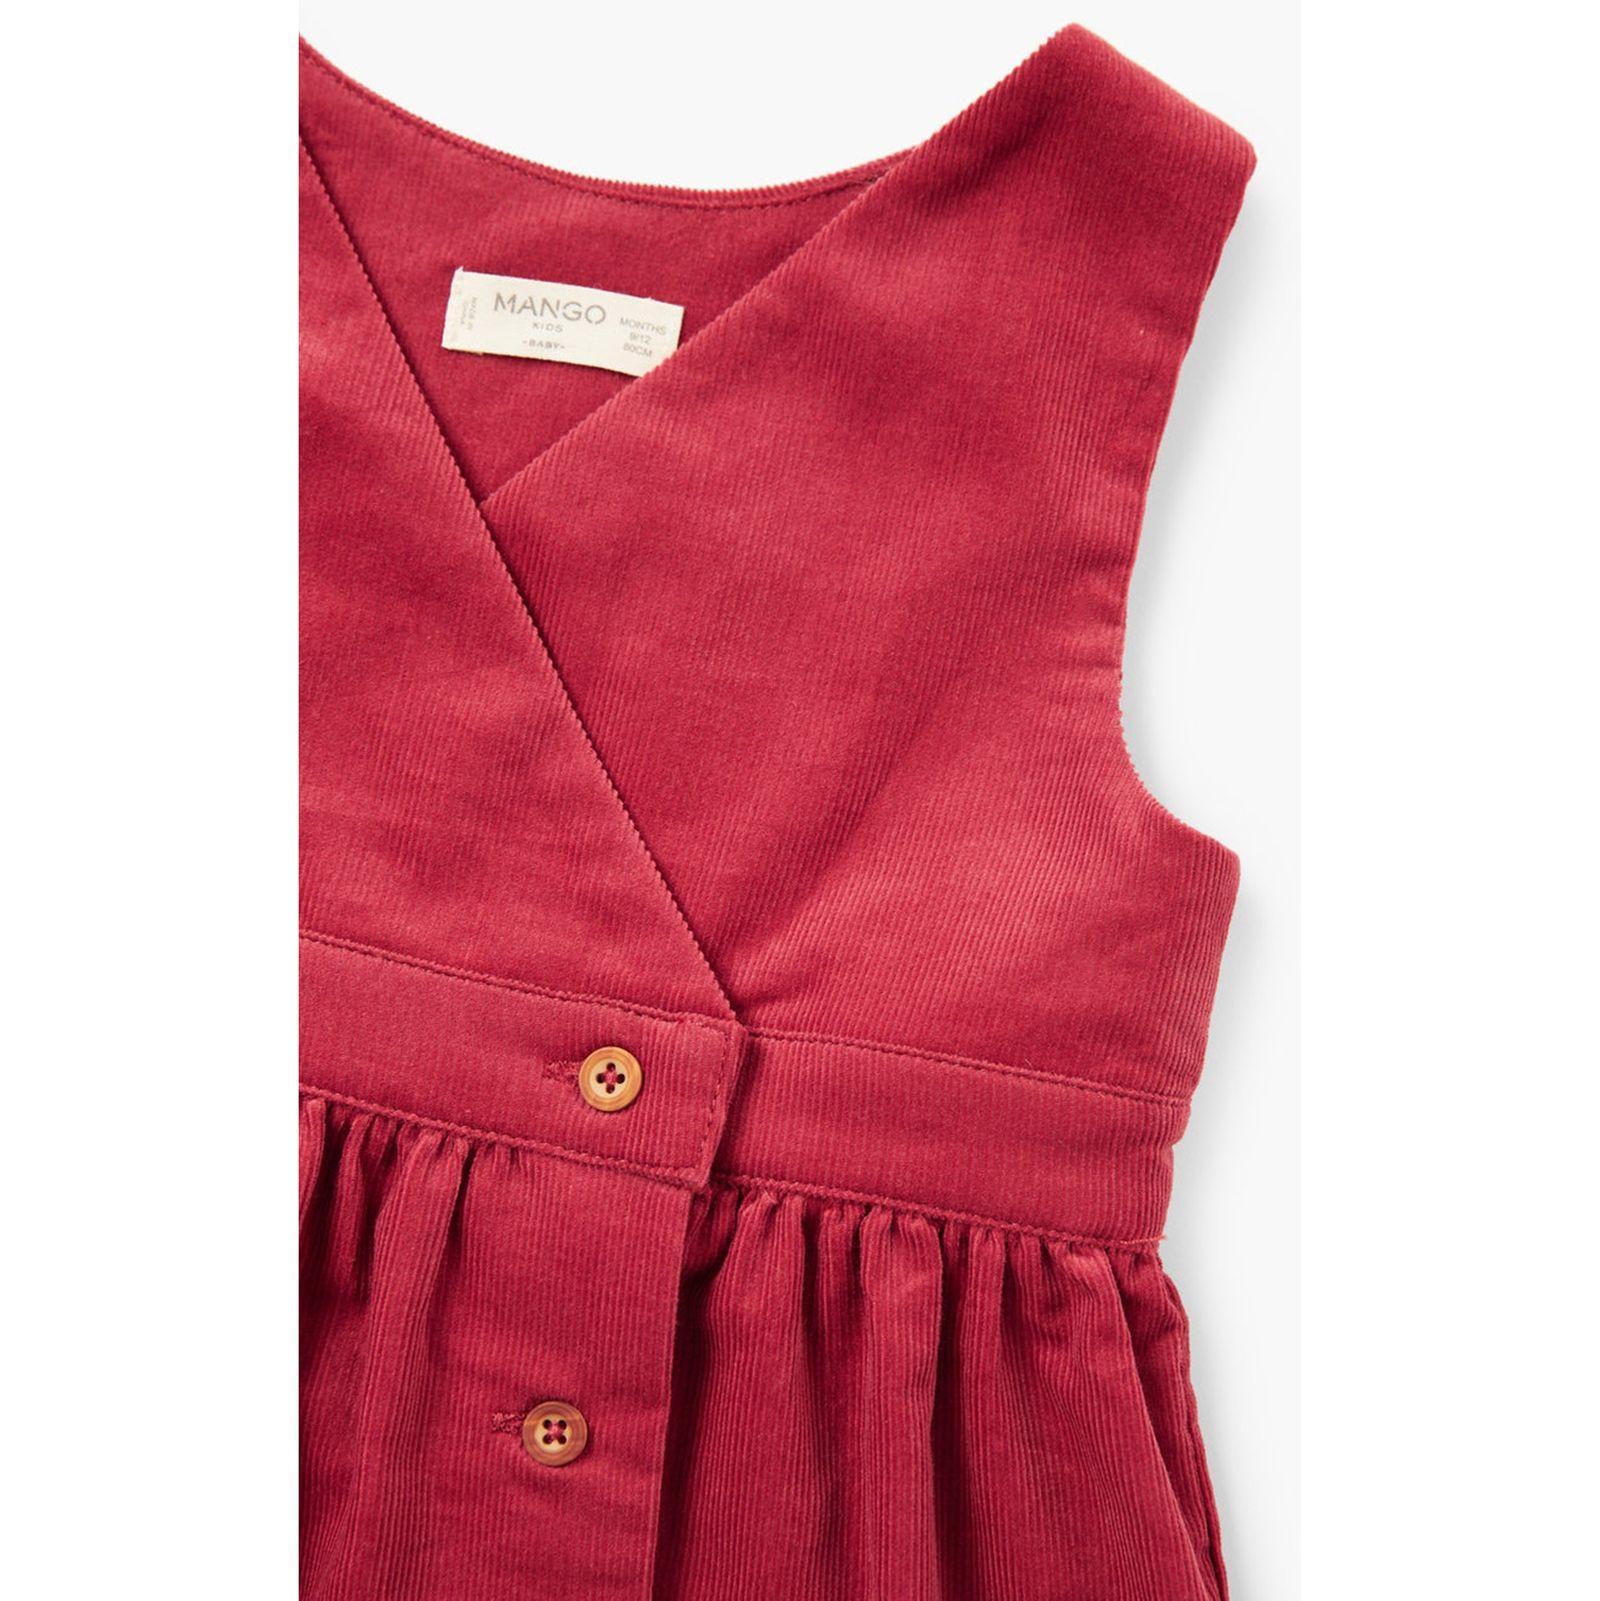 پیراهن نخی بدون آستین نوزادی دخترانه - مانگو - قرمز - 3